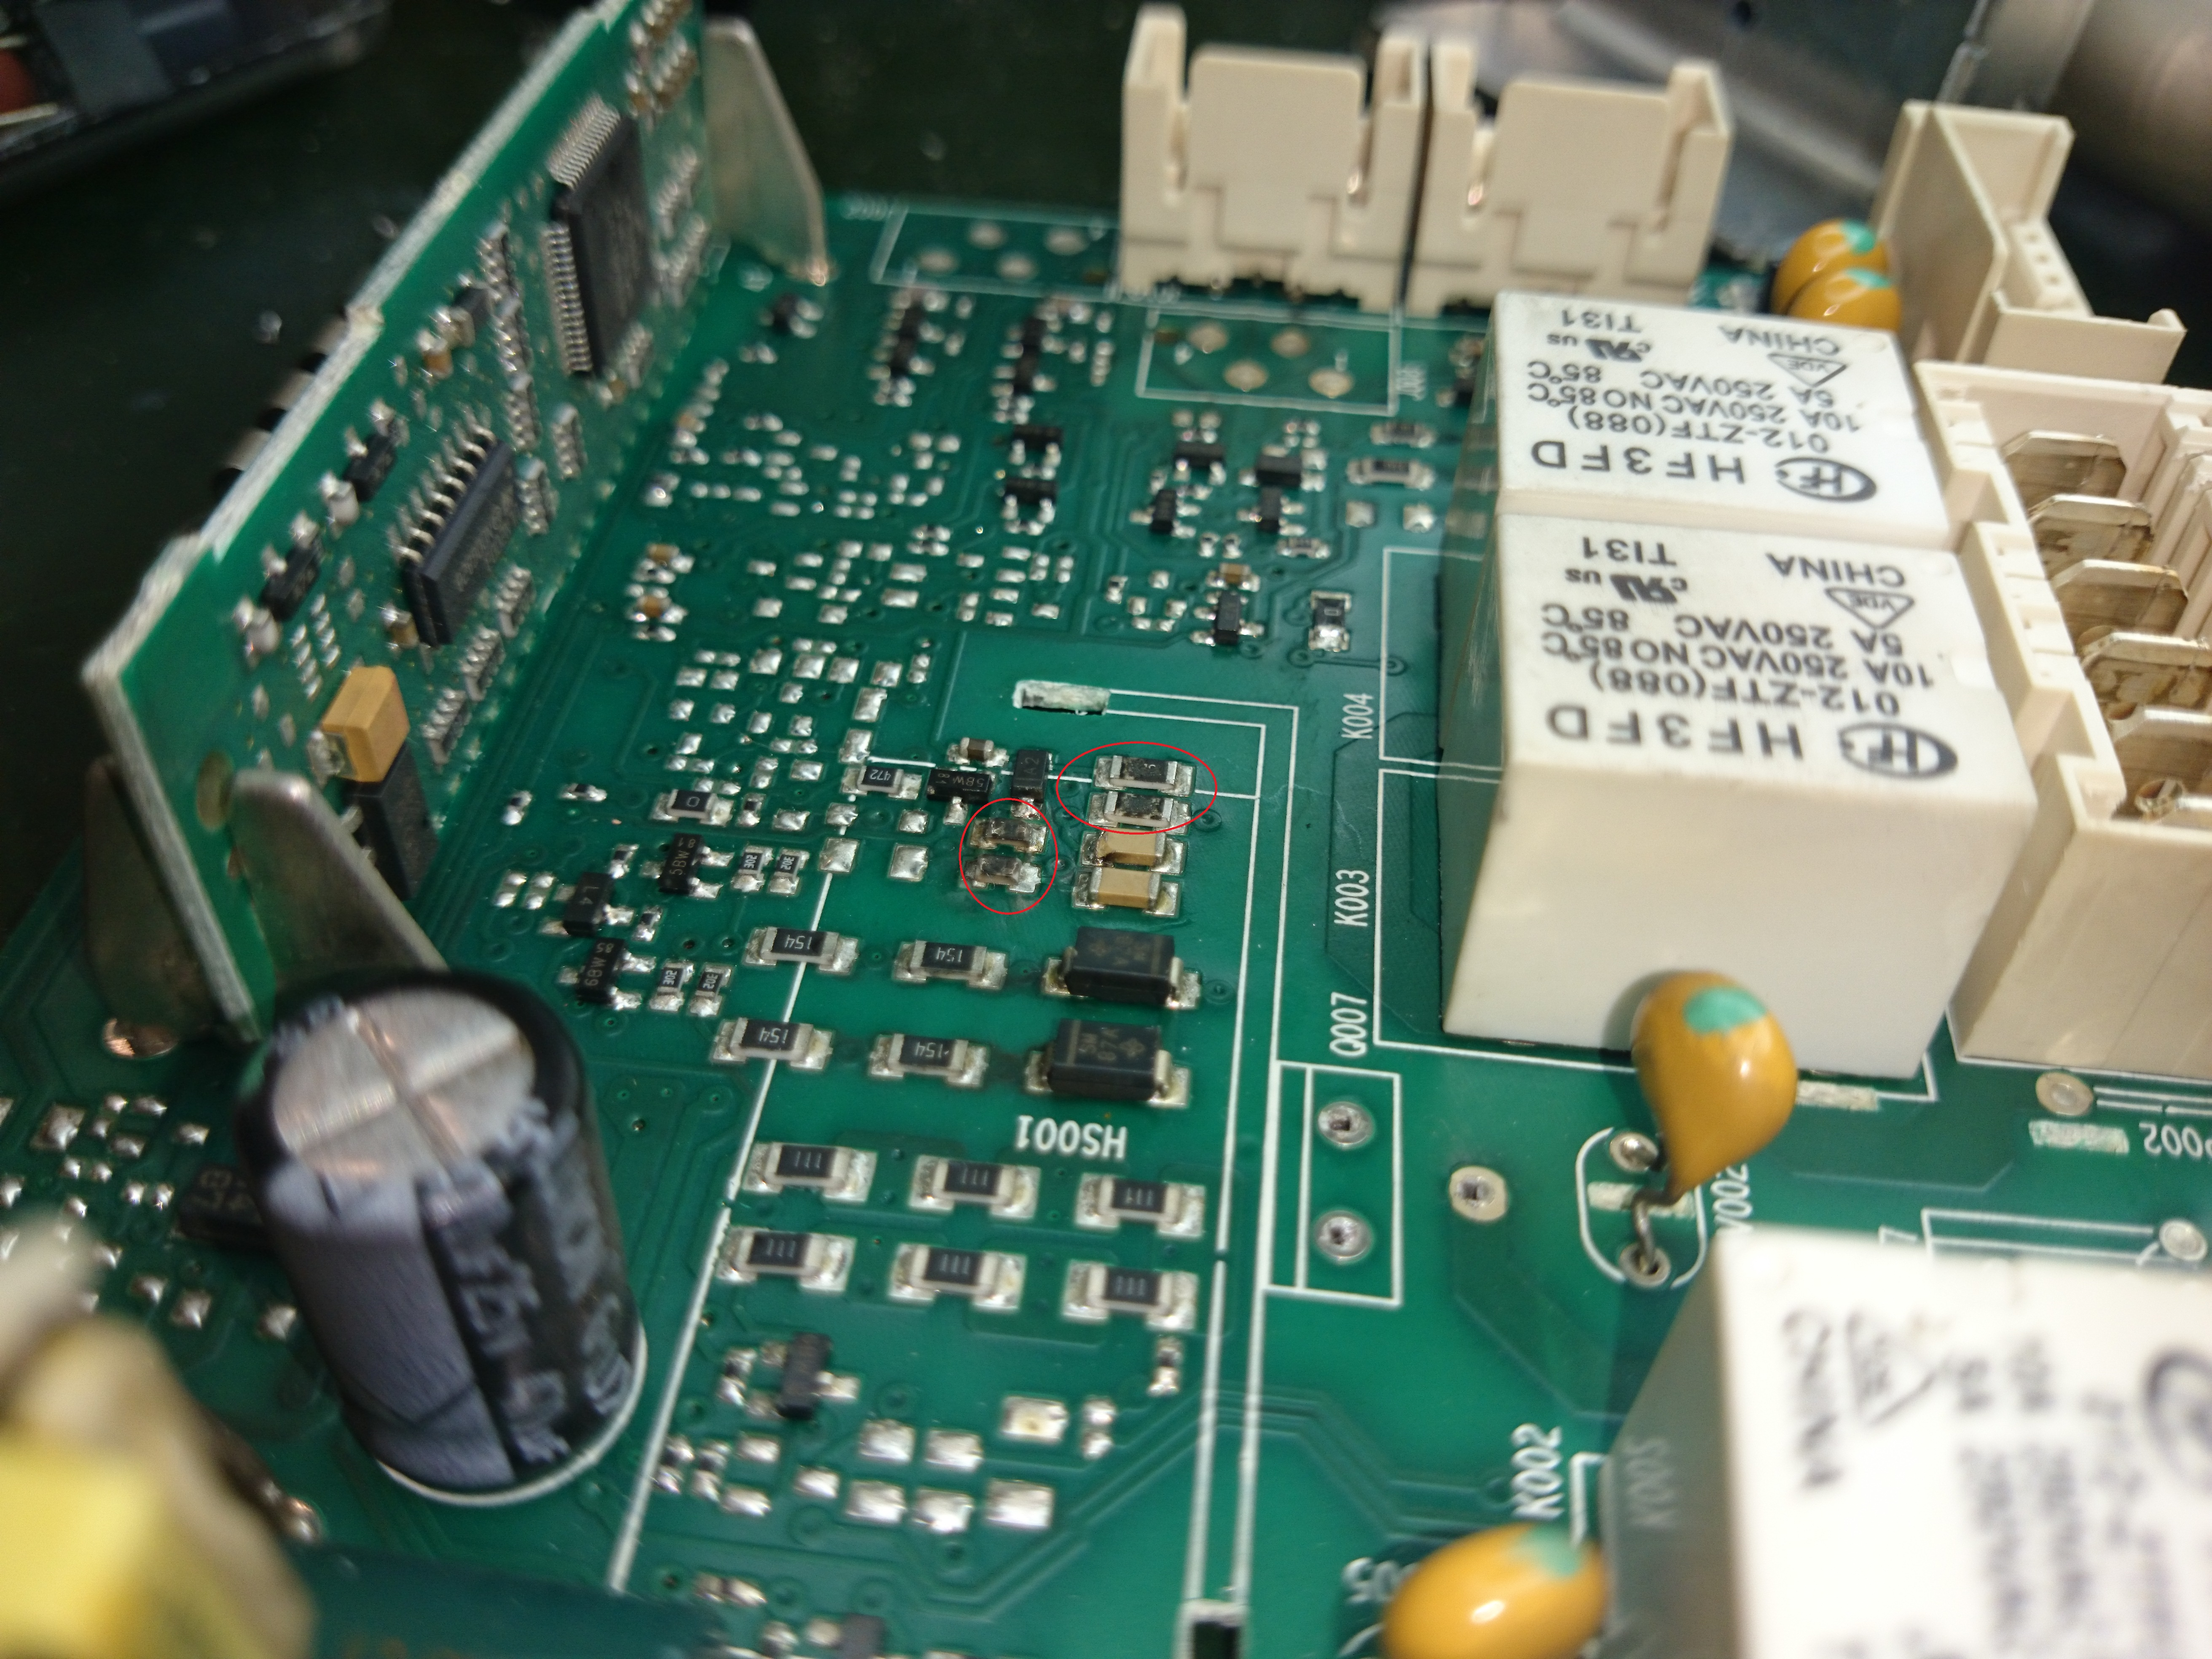 Indesit WITL-125 - Pro�ba o zdj�cie p�yty g��wnej lub schemat.